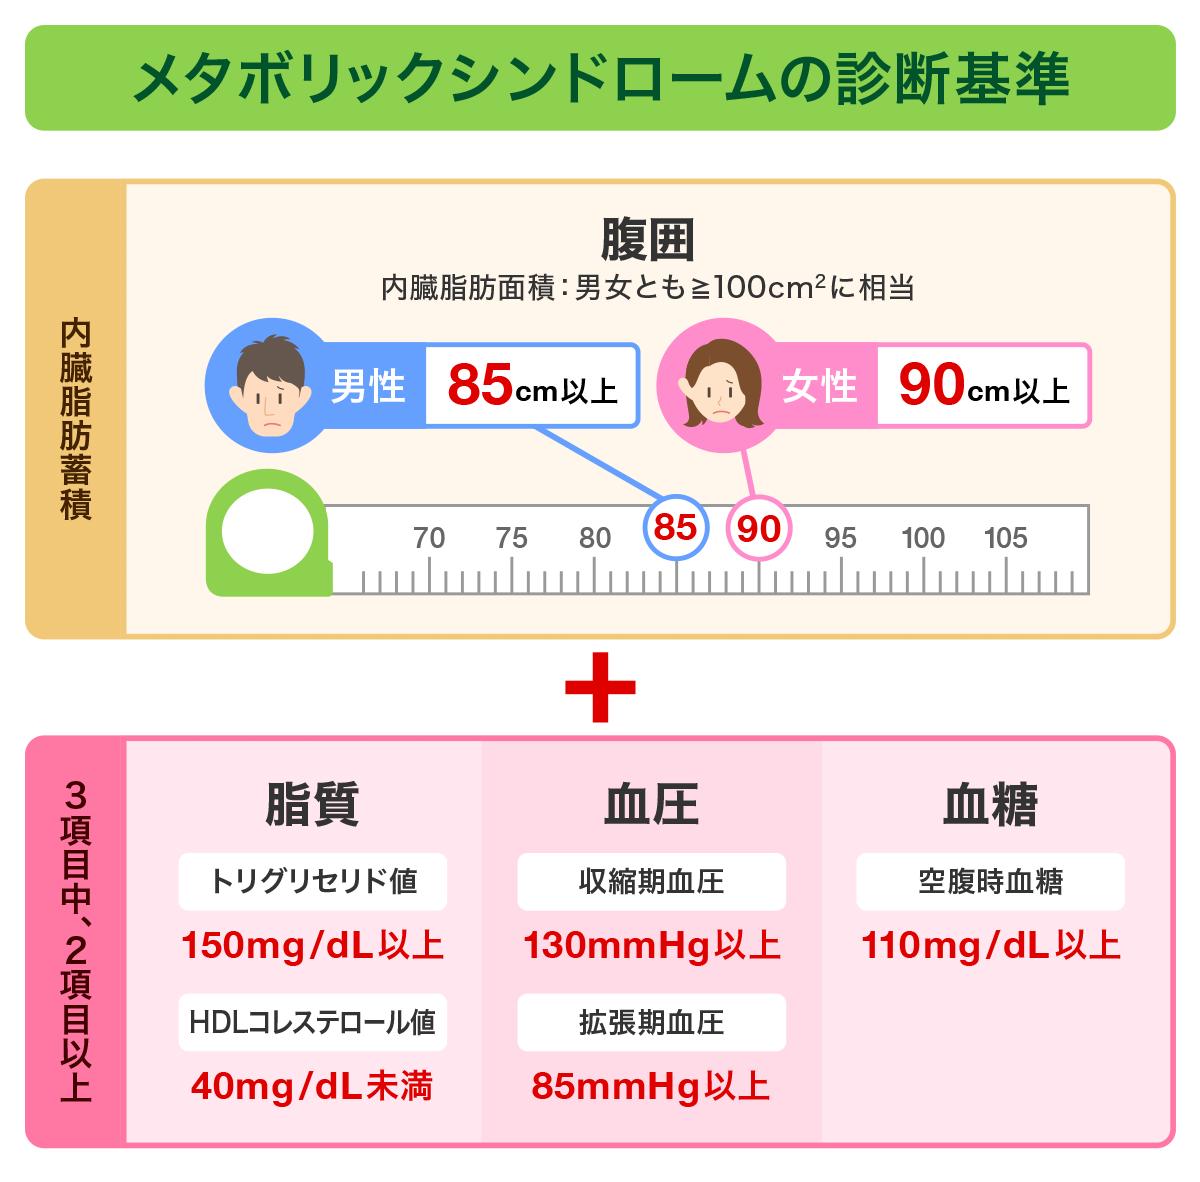 血圧 低い 最低